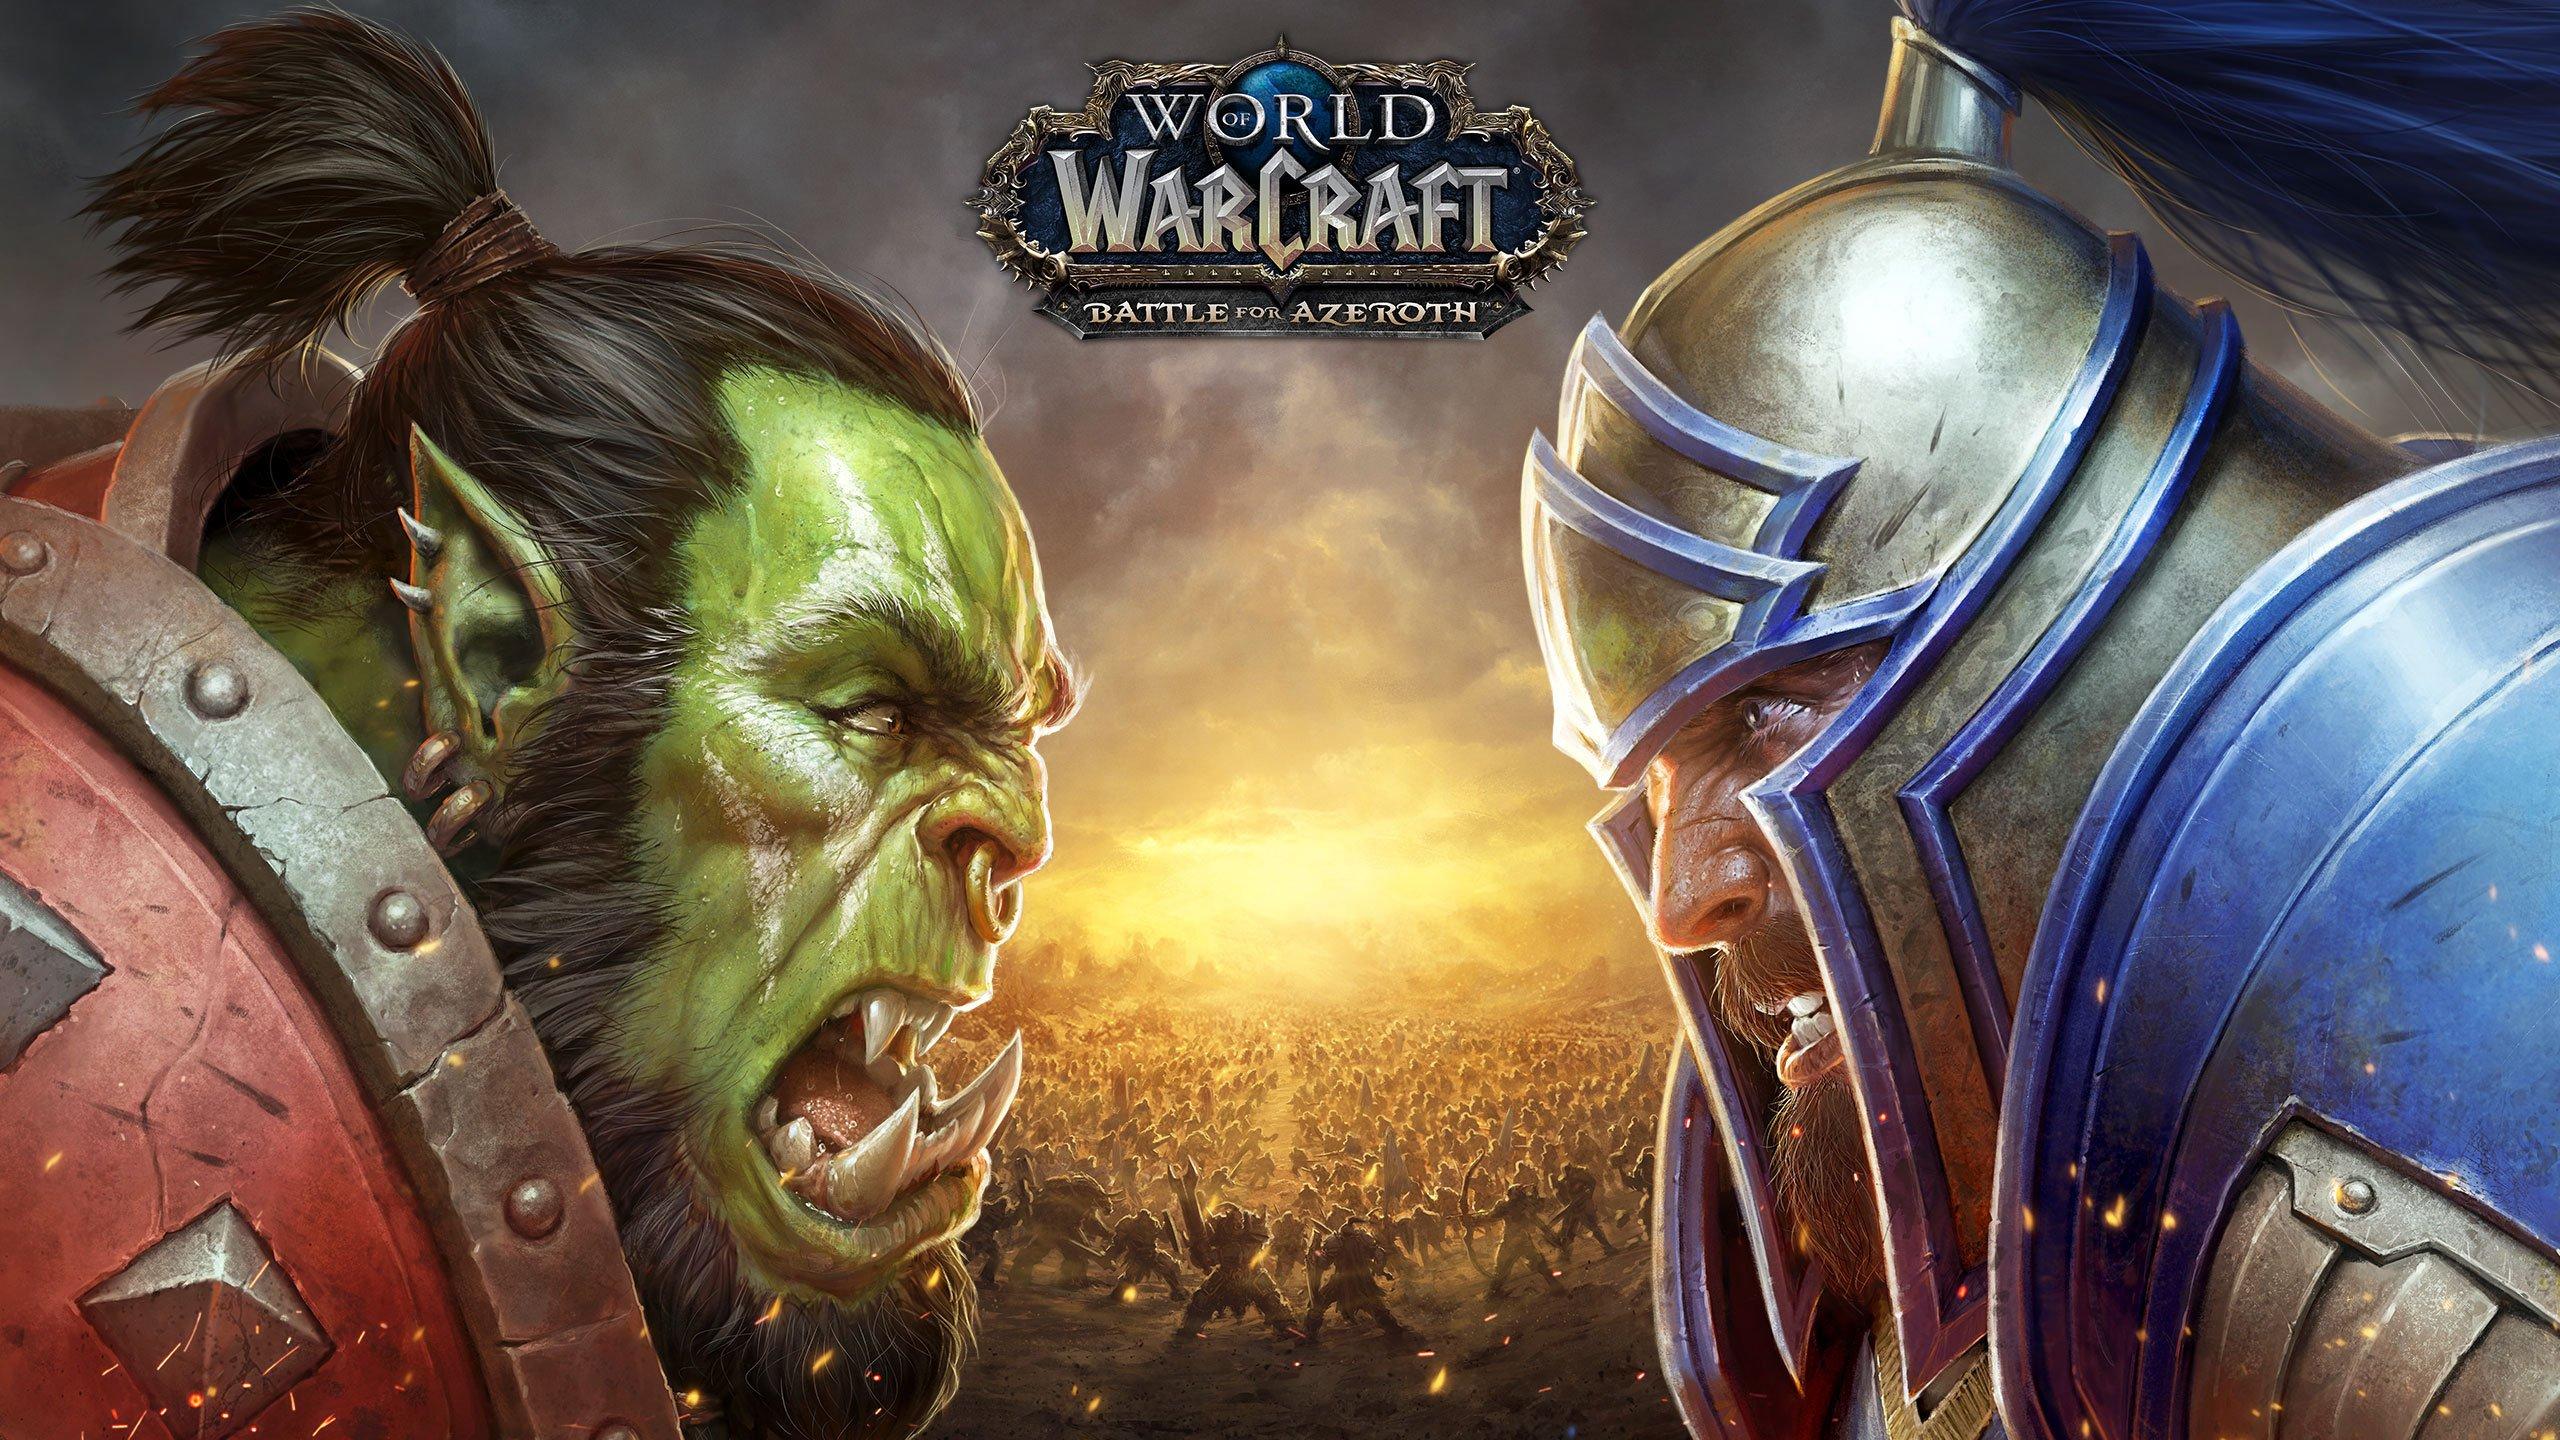 Battle for Azeroth è finalmente disponibile, che sia davvero la battaglia finale?